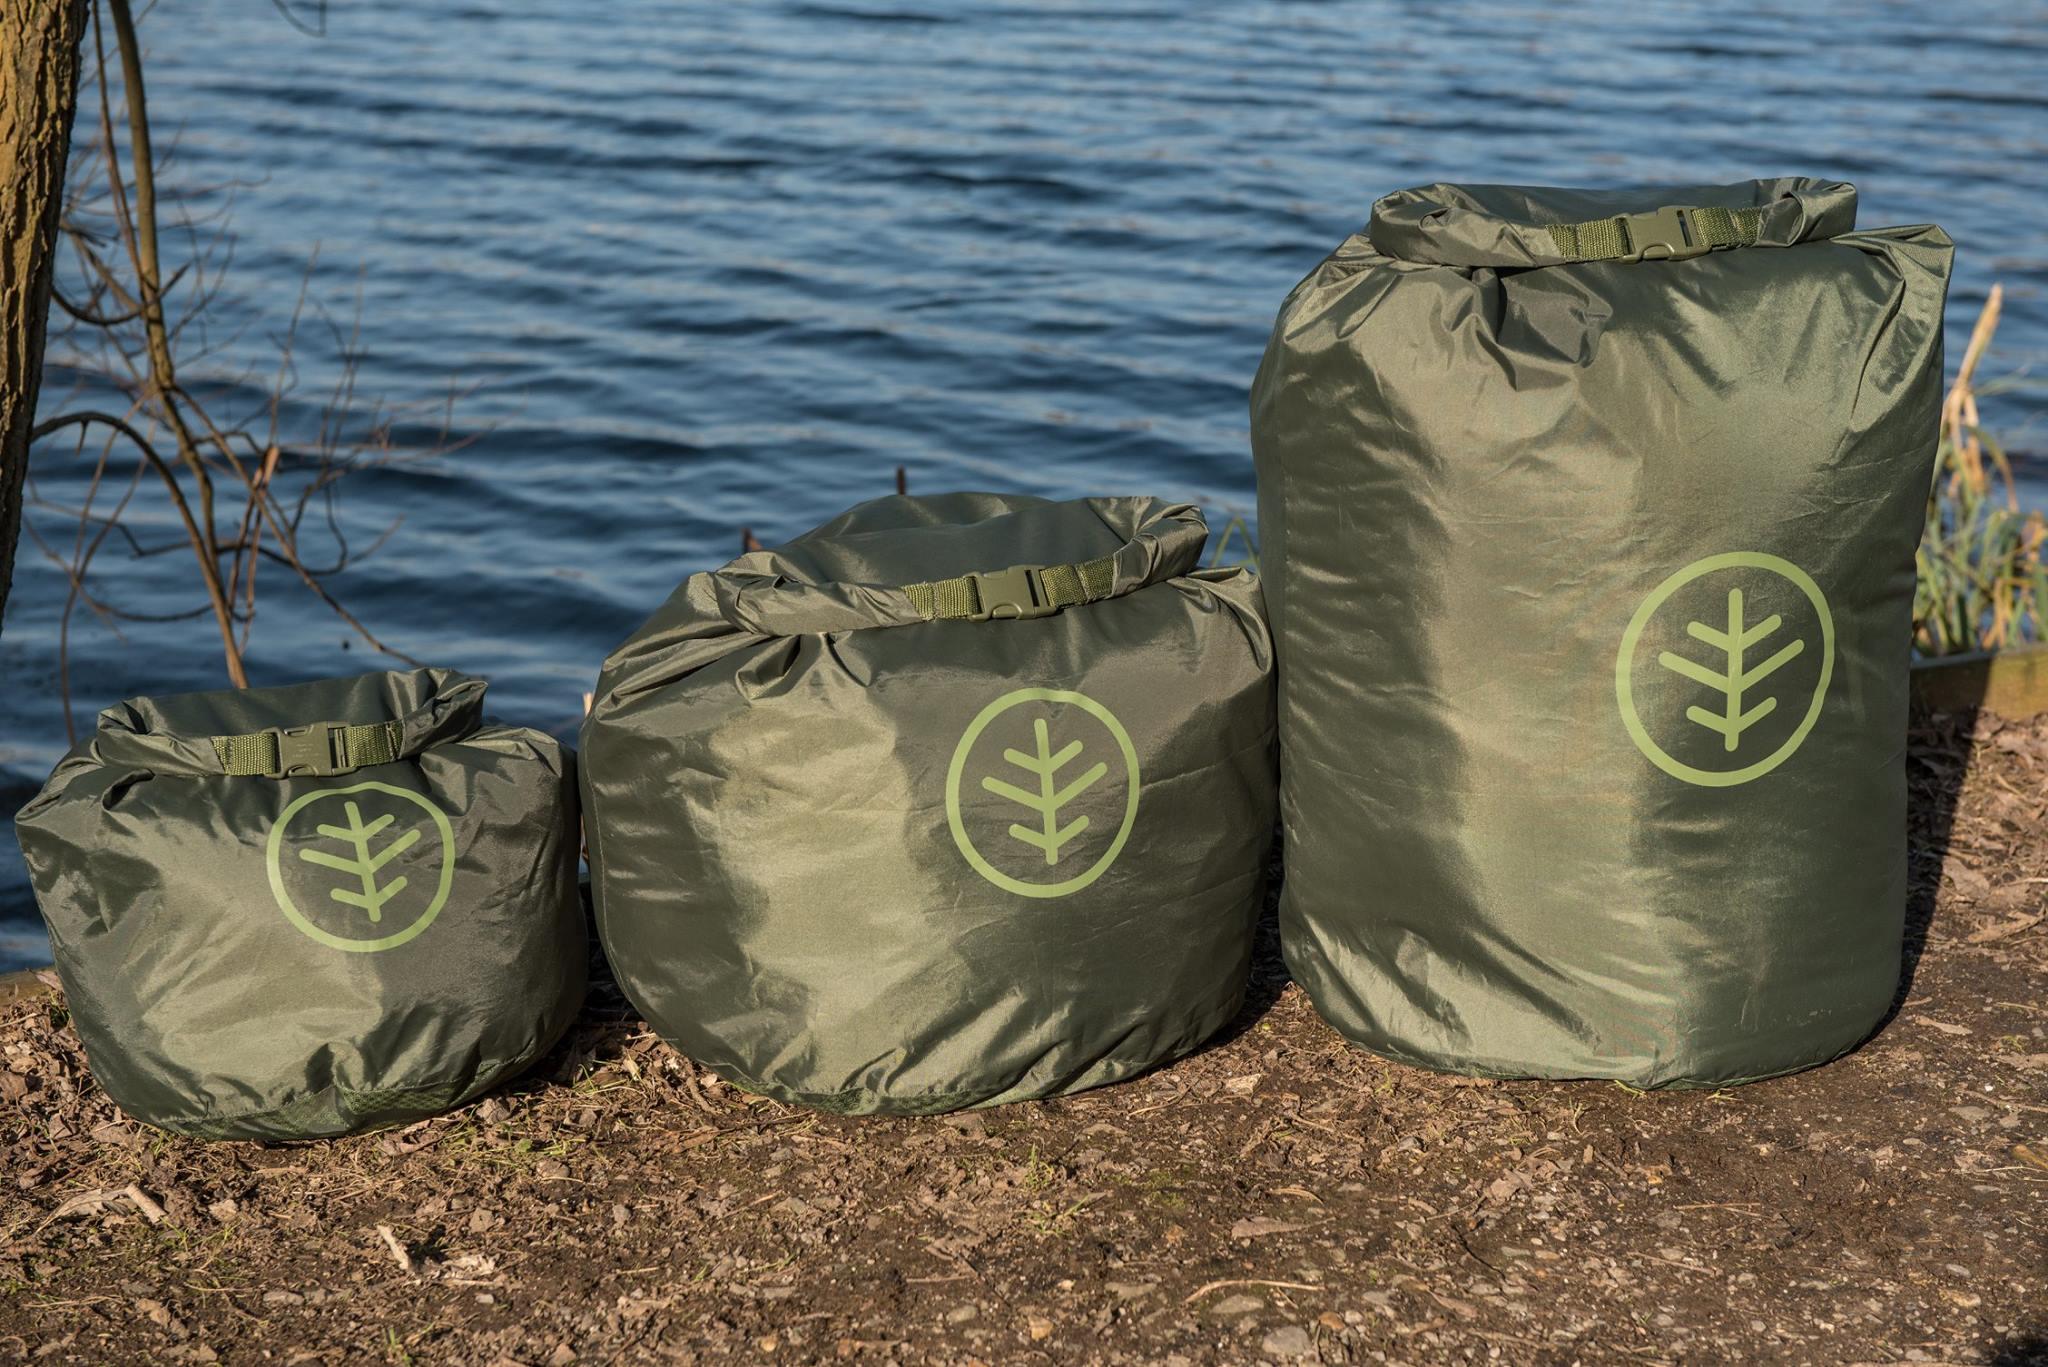 Vak Wychwood Medium Stash bag